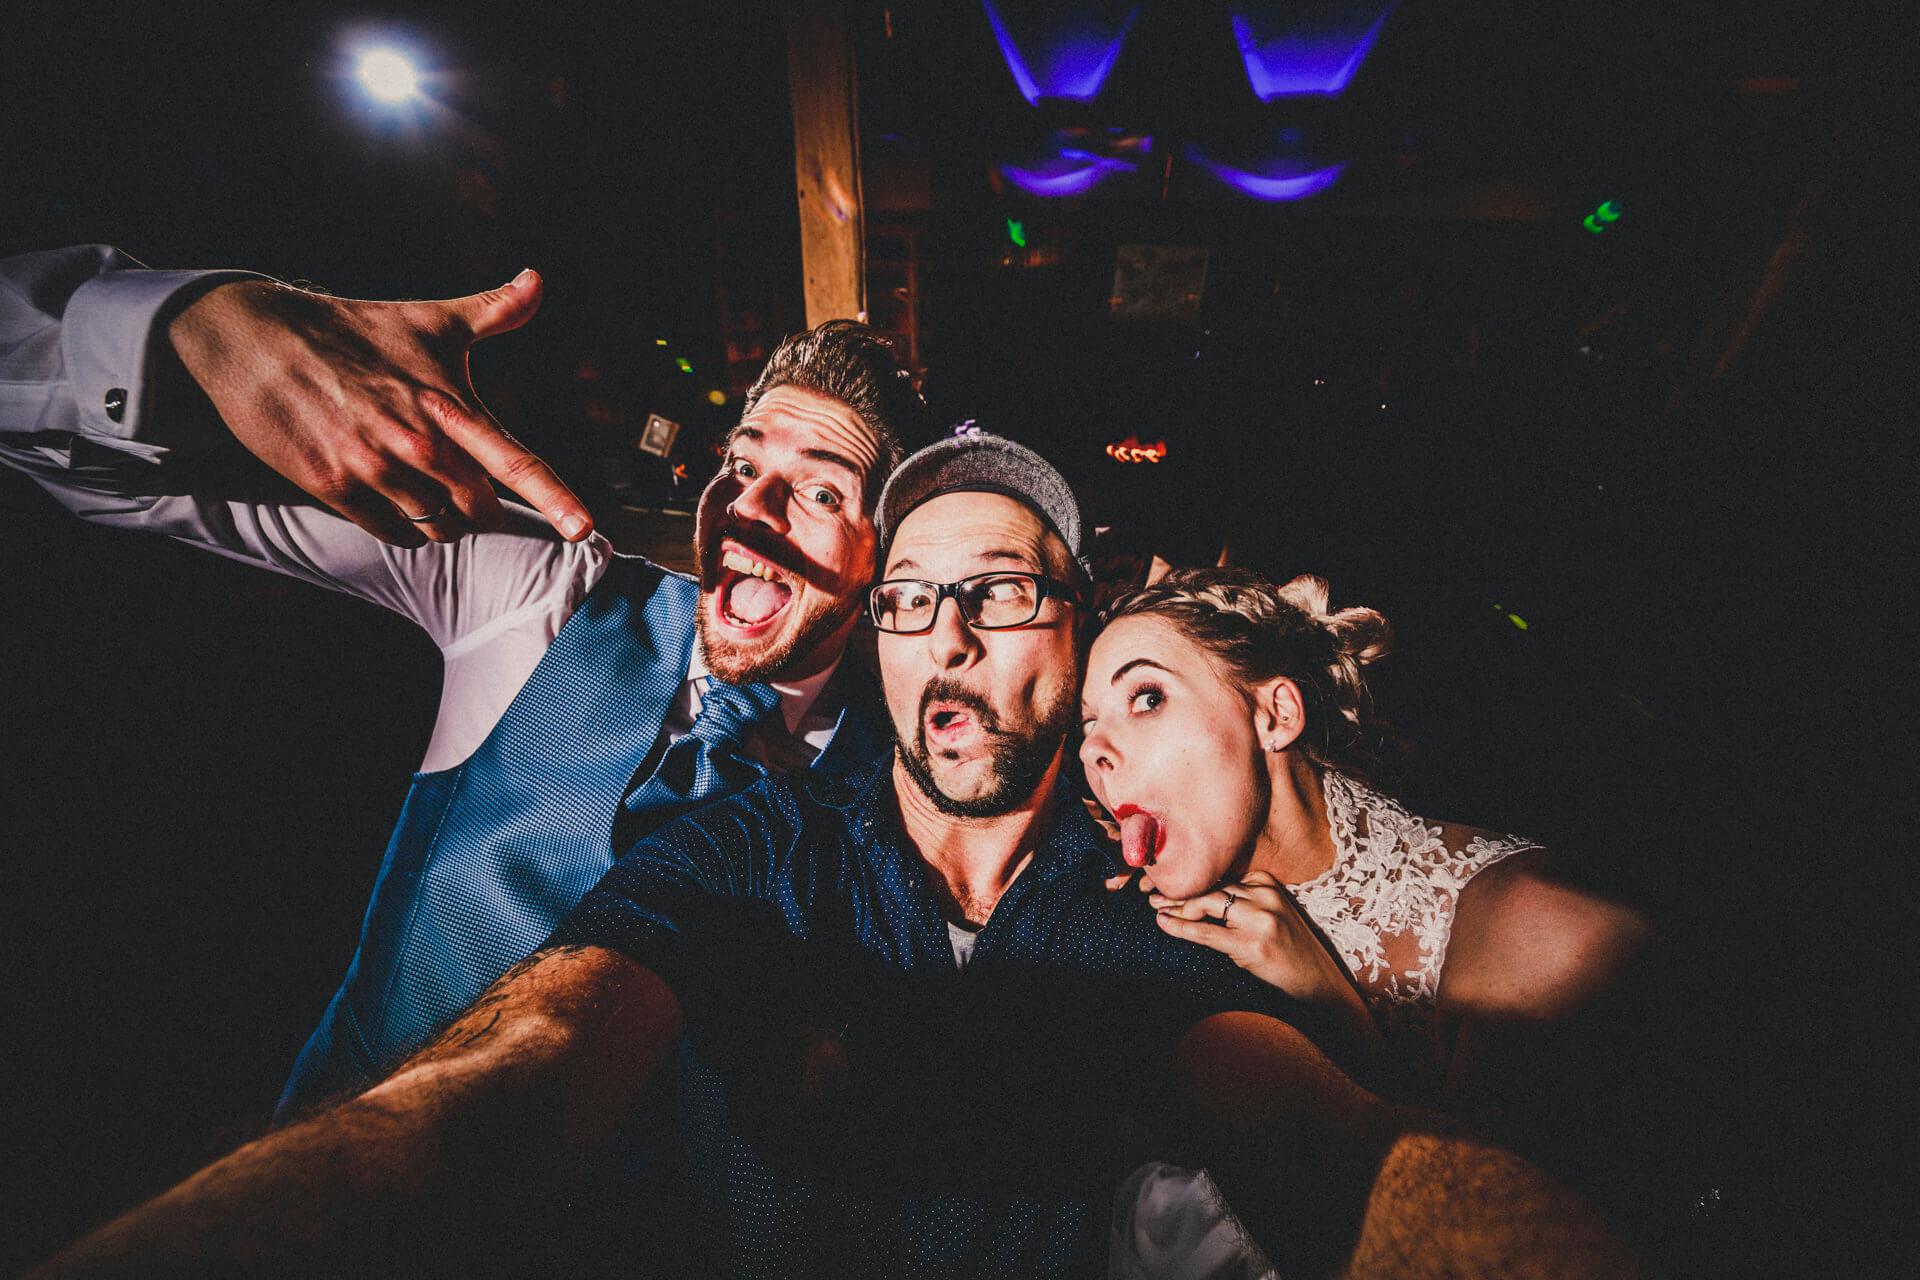 Hochzeitsfotograf Hofgut Dagobertshausen - Selfie mit dem Brautpaar